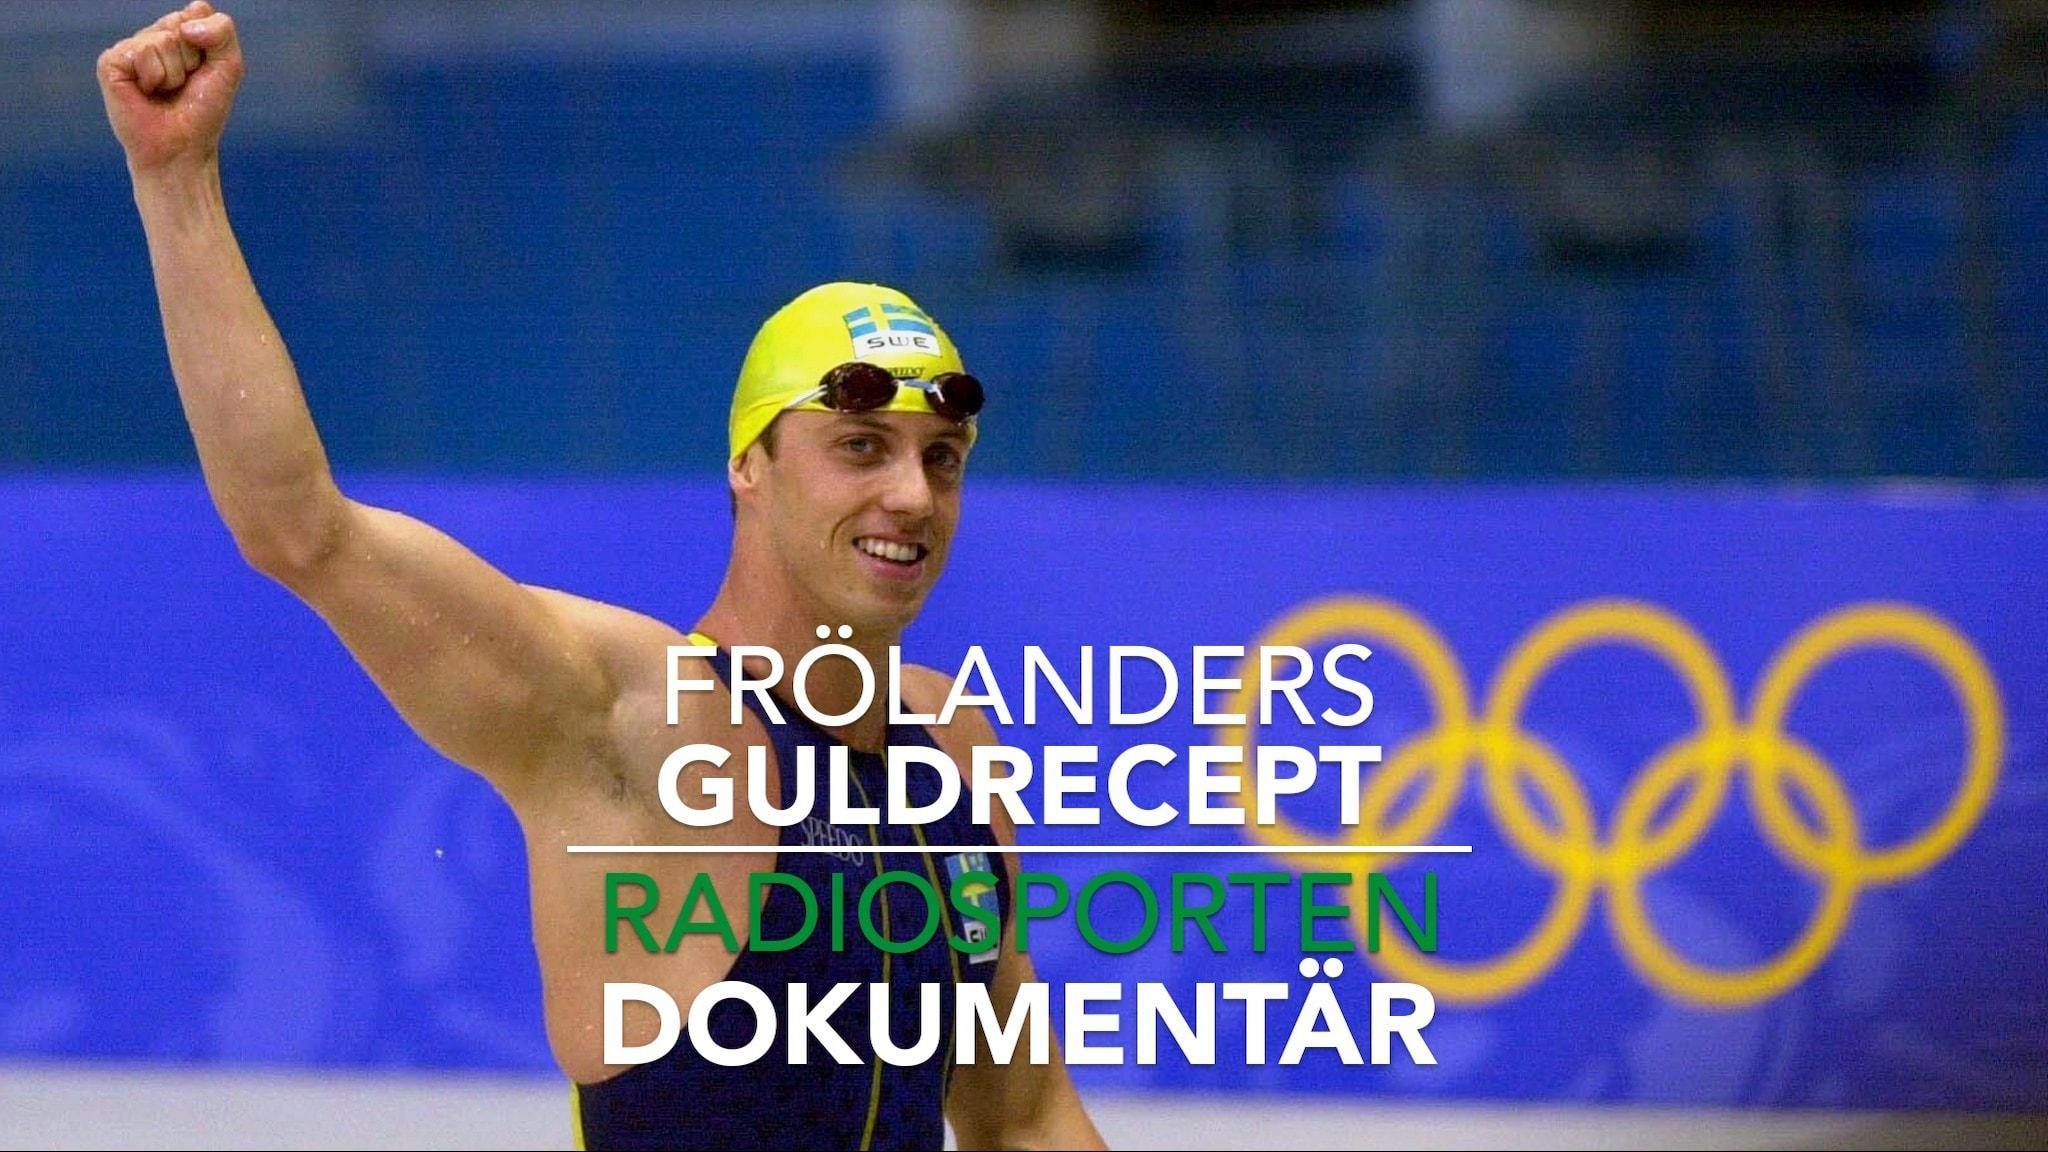 Lars Frölanders guldrecept